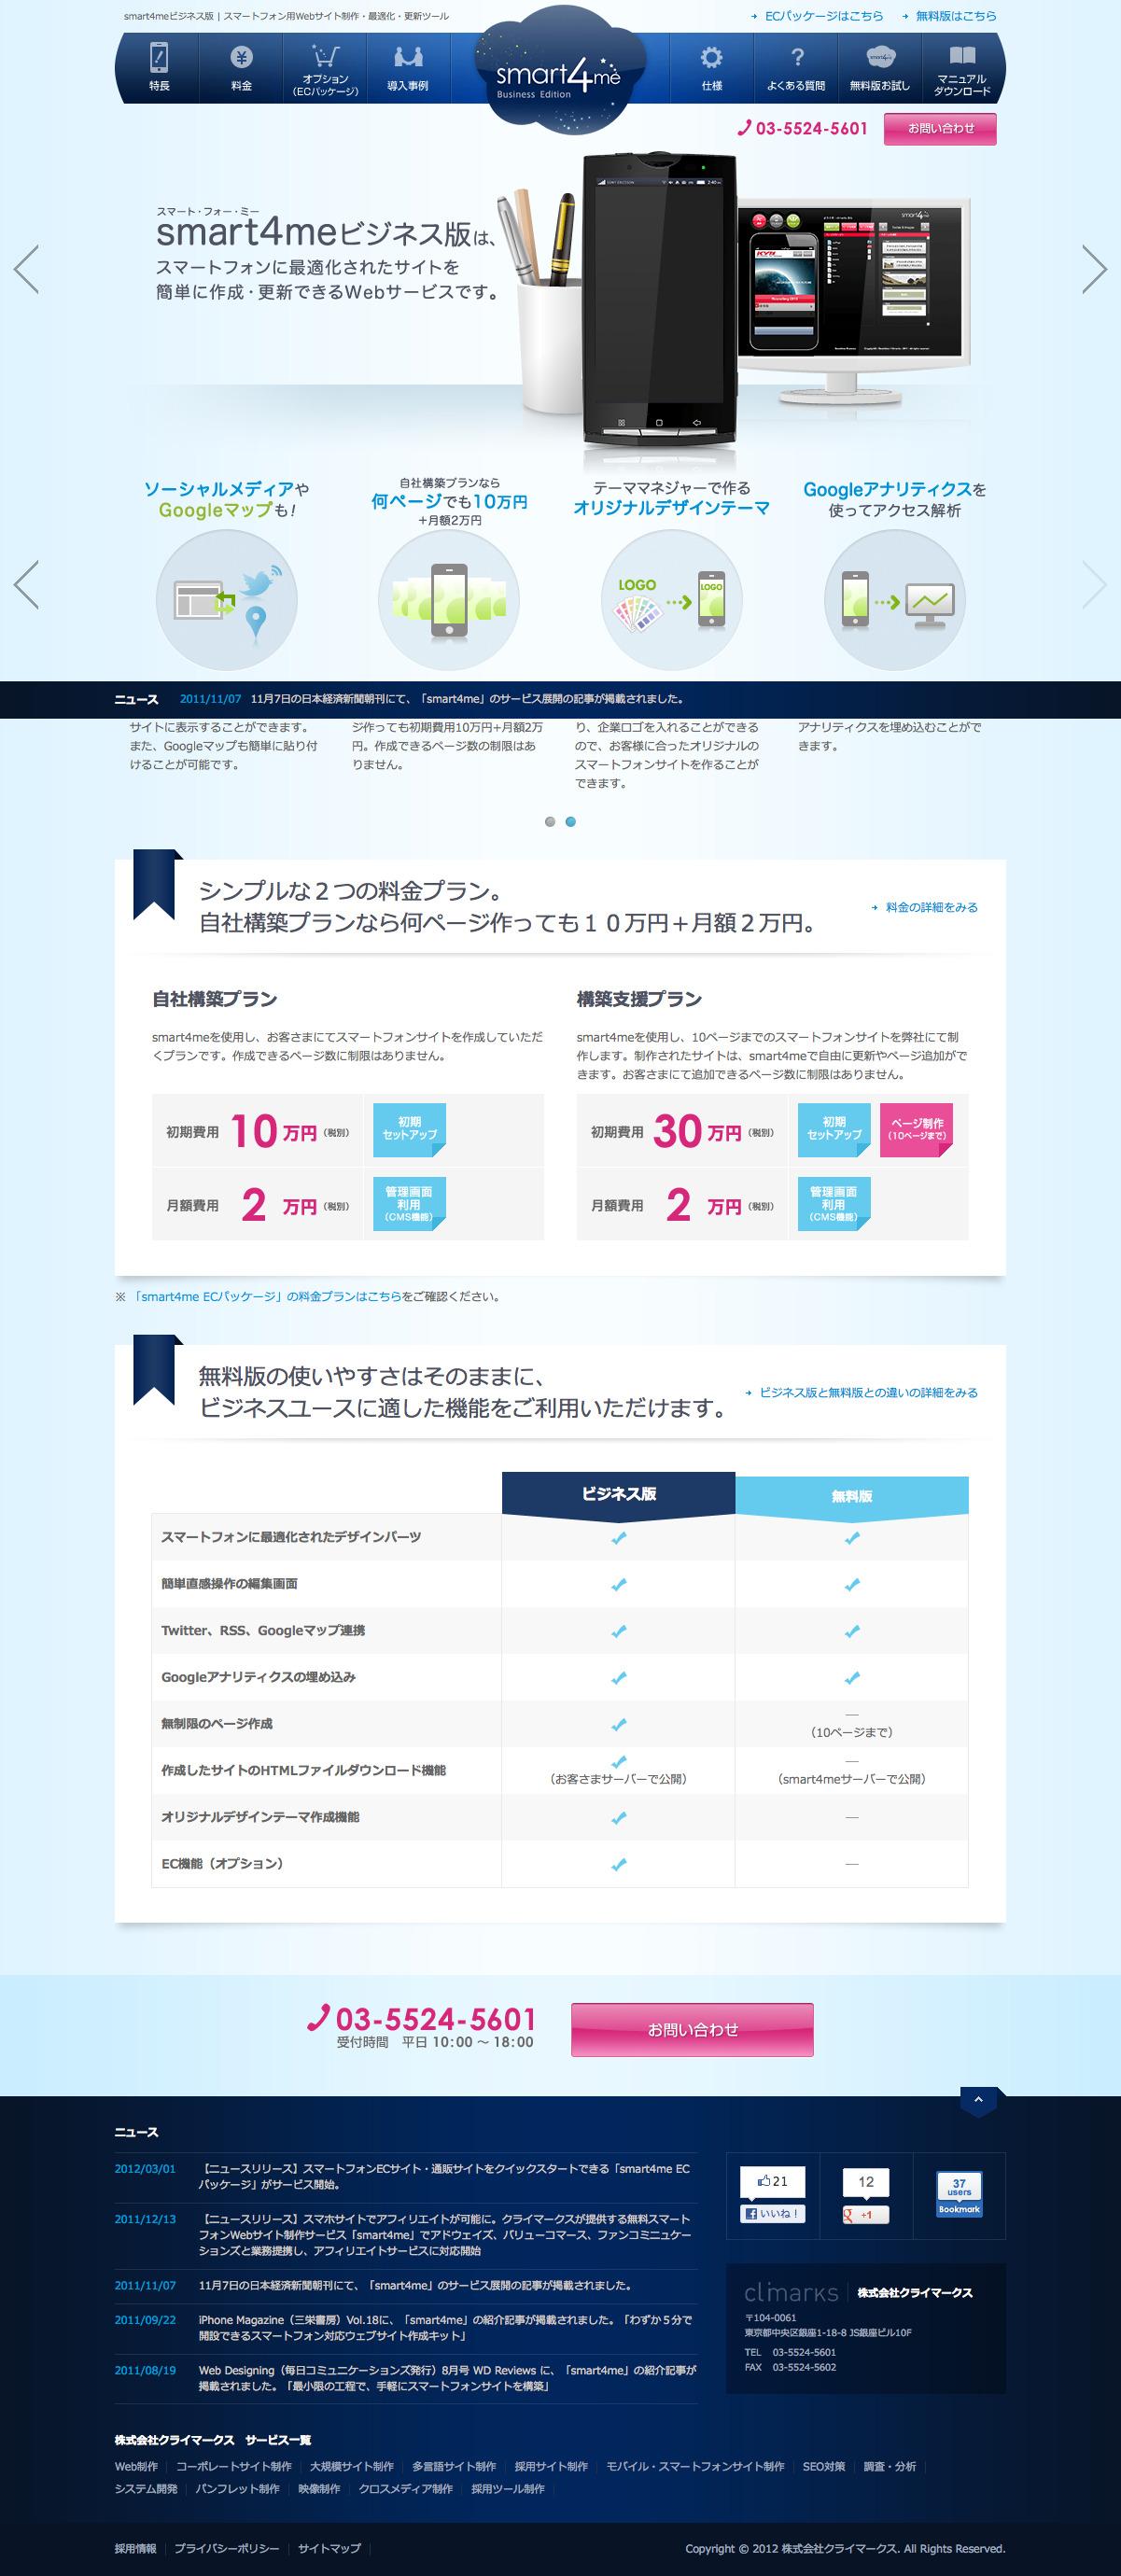 スマートフォン用Webサイト制作・更新ツール【smart4meビジネス版】